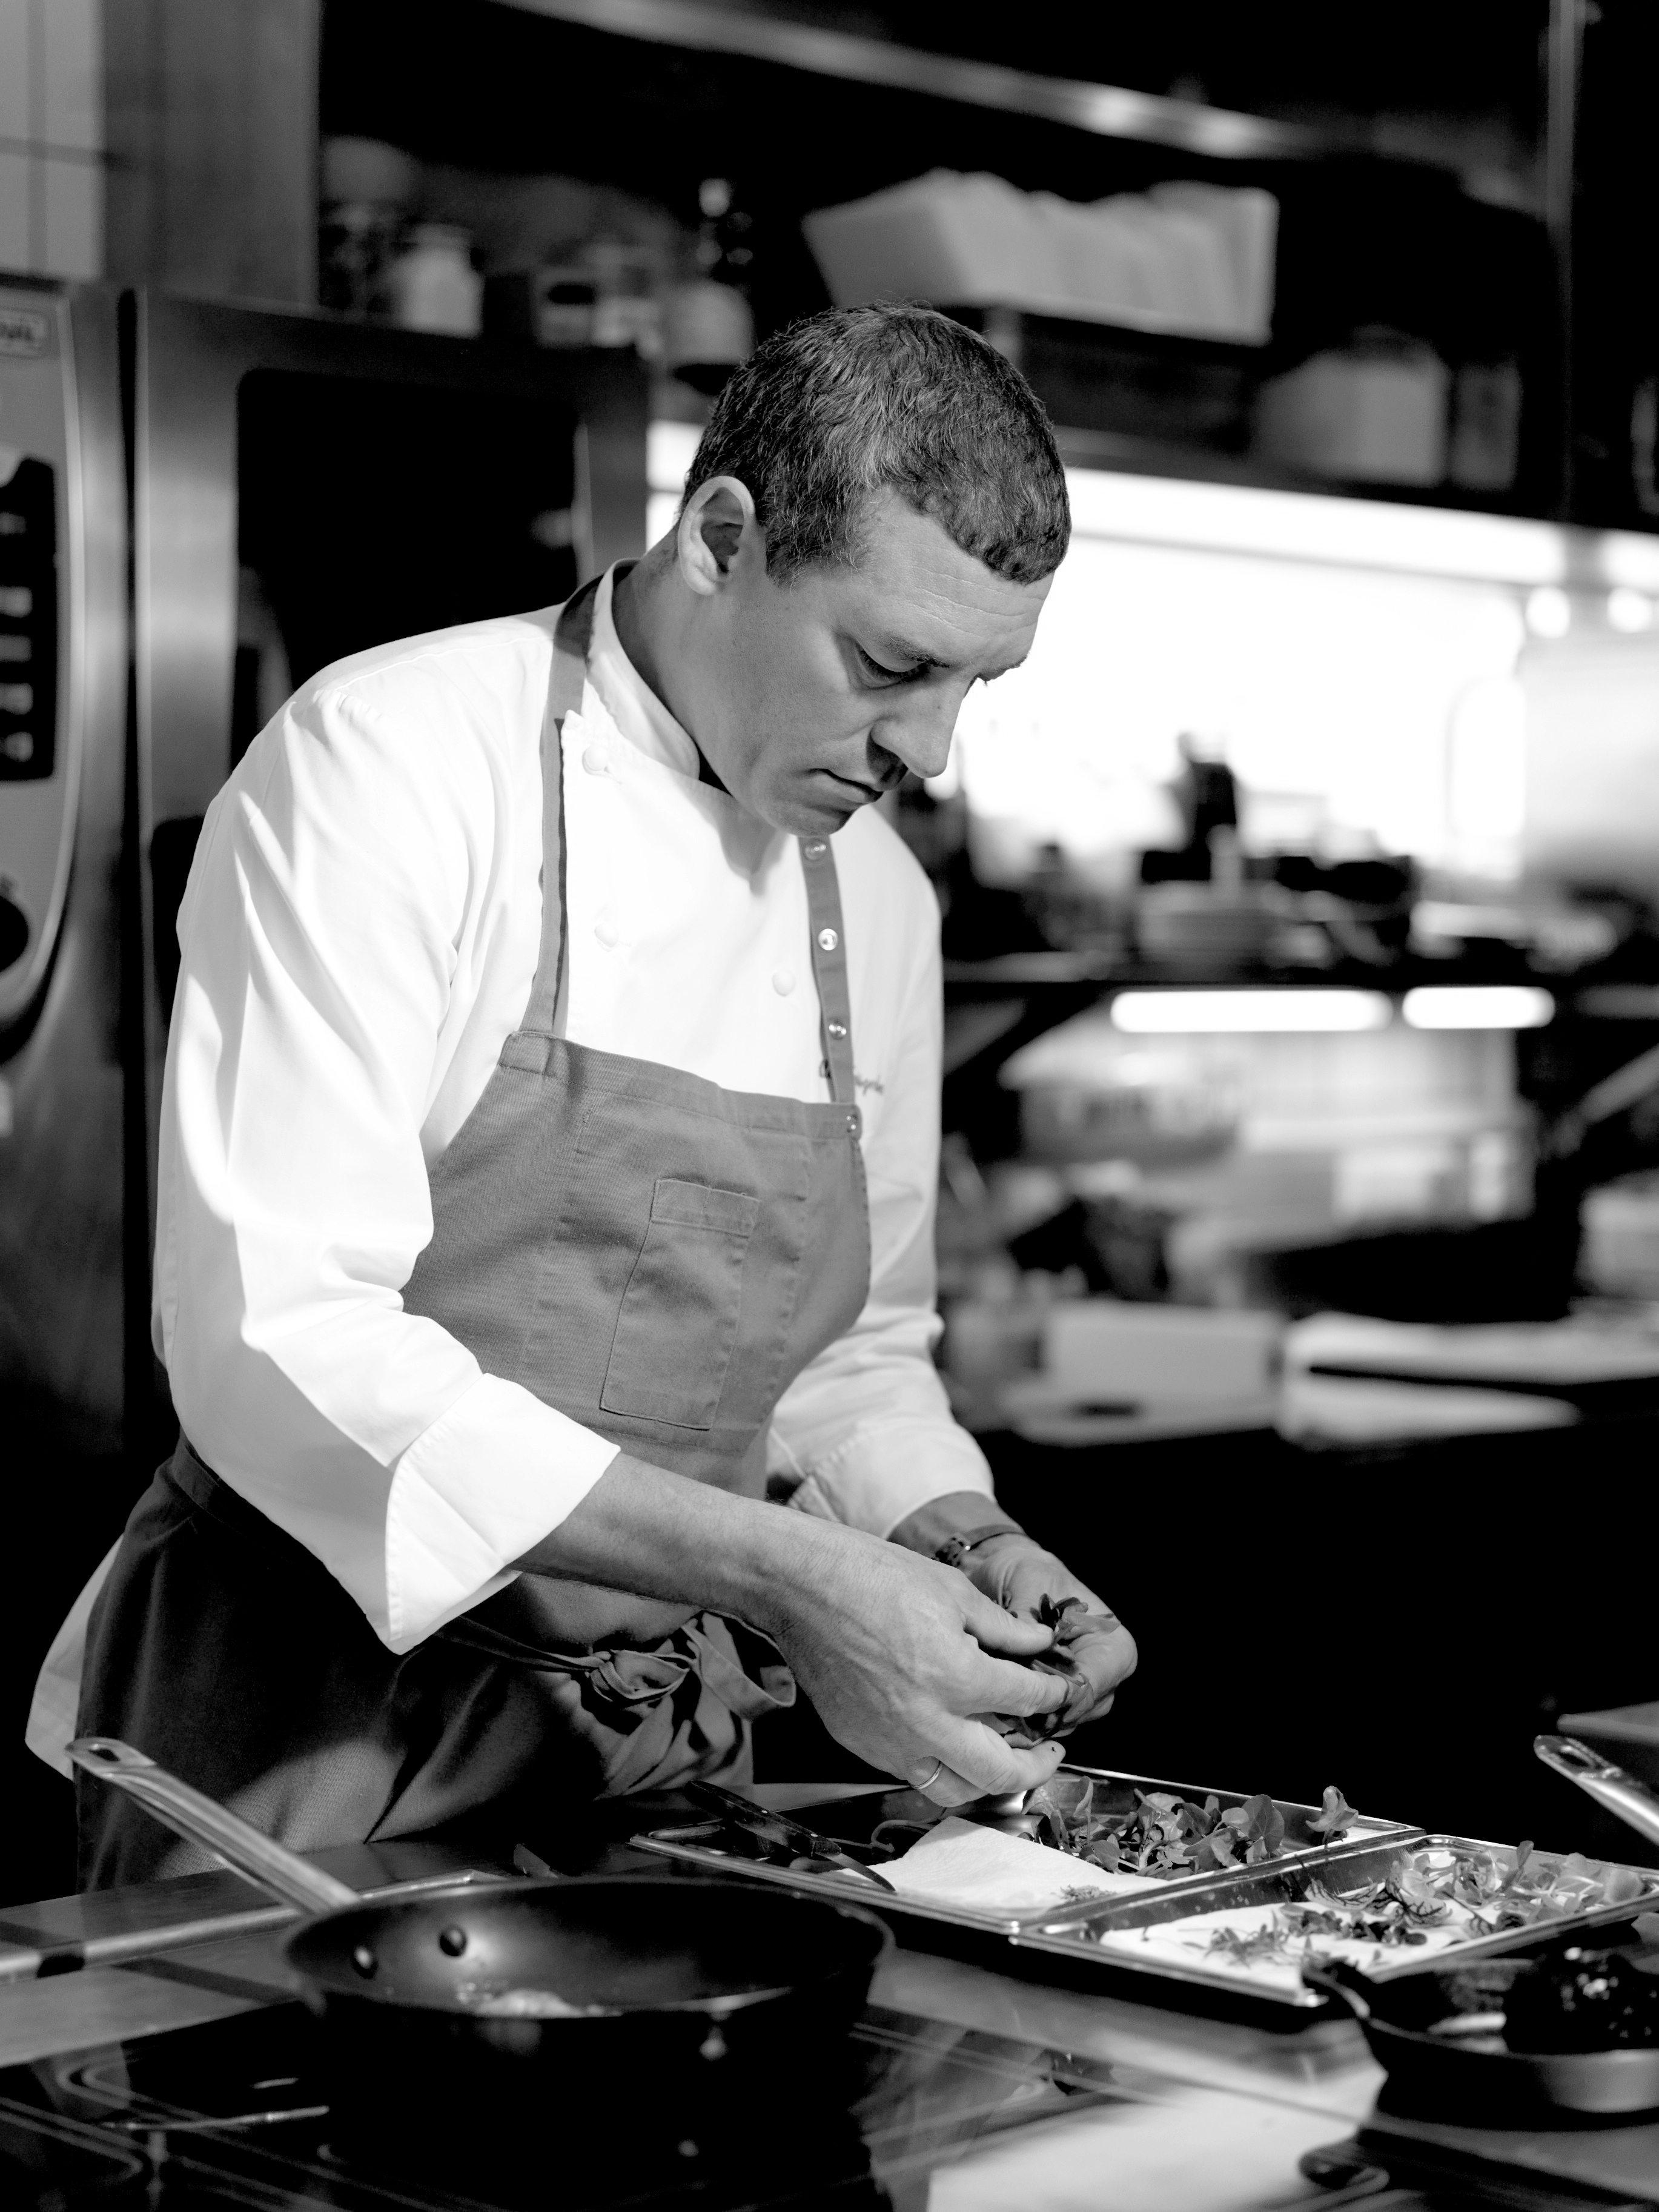 chef-bei-arbeit-swpertramer_4599374